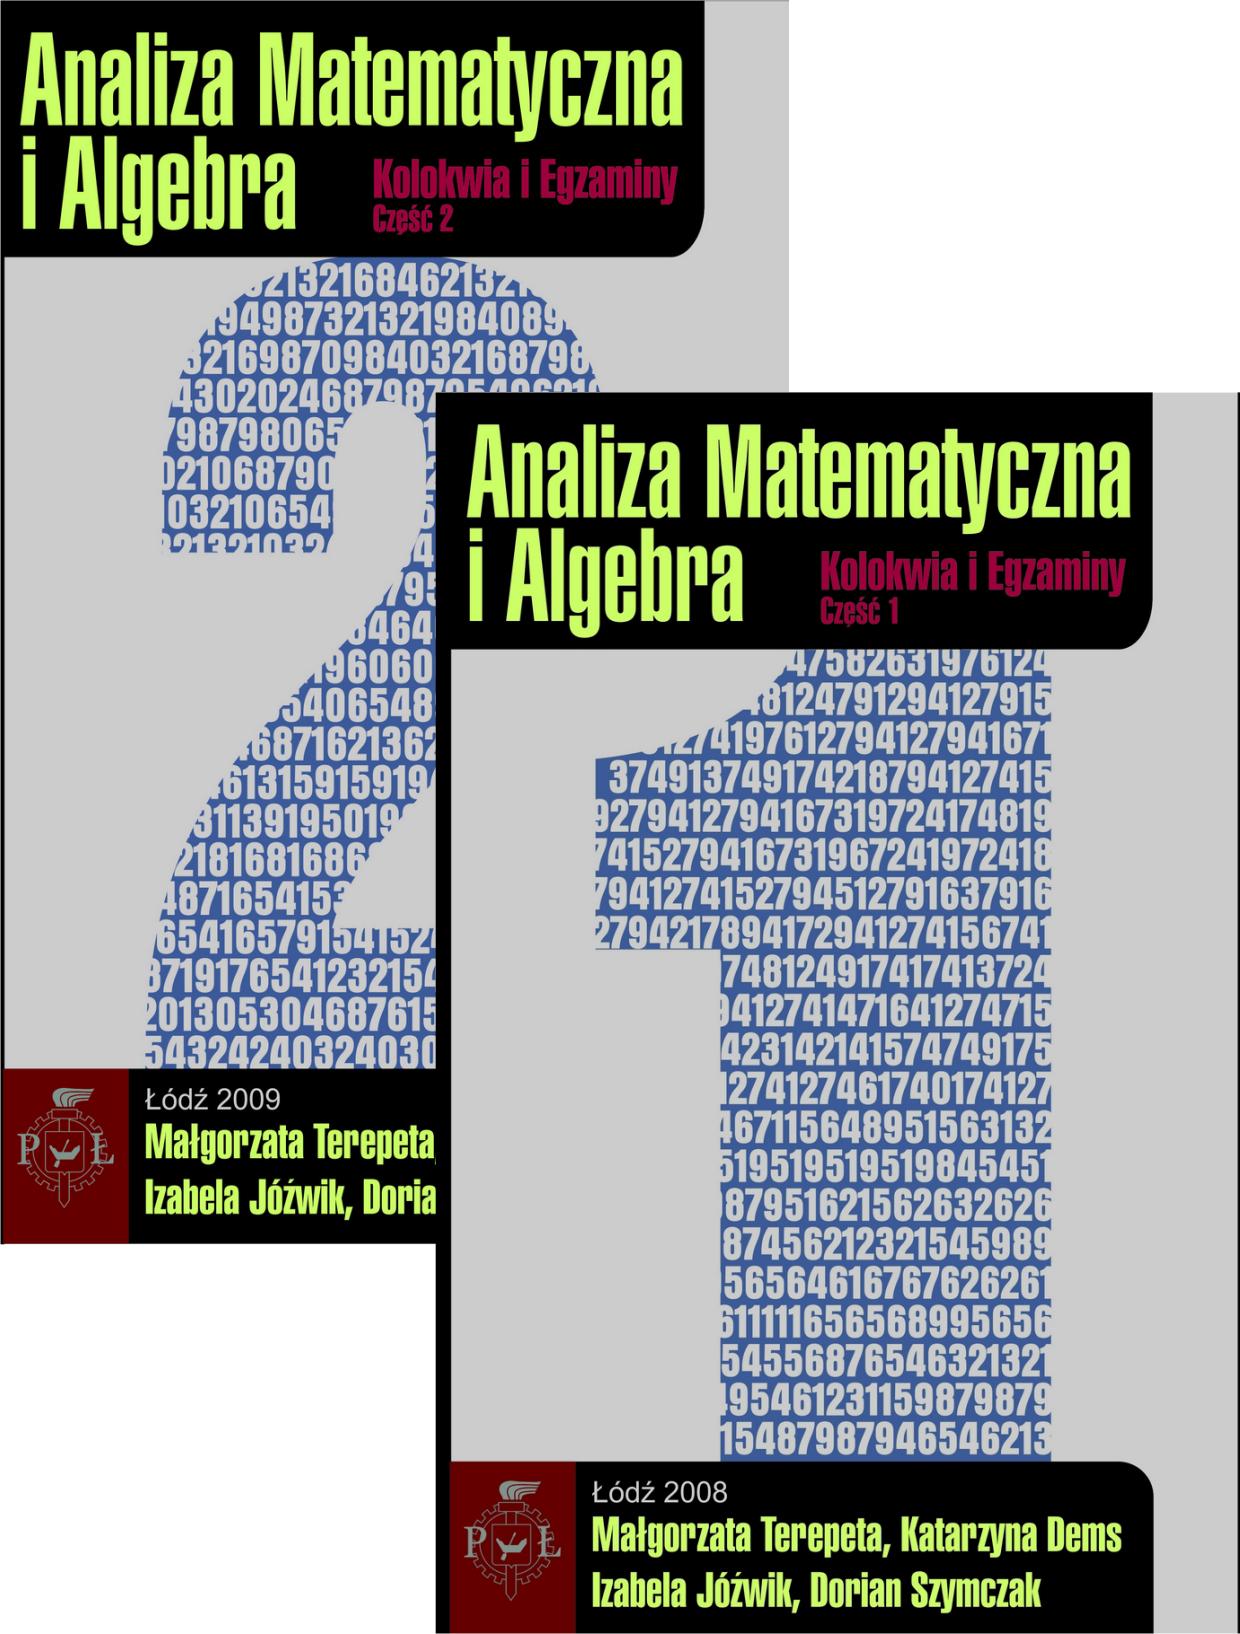 ZESTAW: Analiza matematyczna i algebra. Kolokwia i egzaminy część I (2008) i część II (2009)